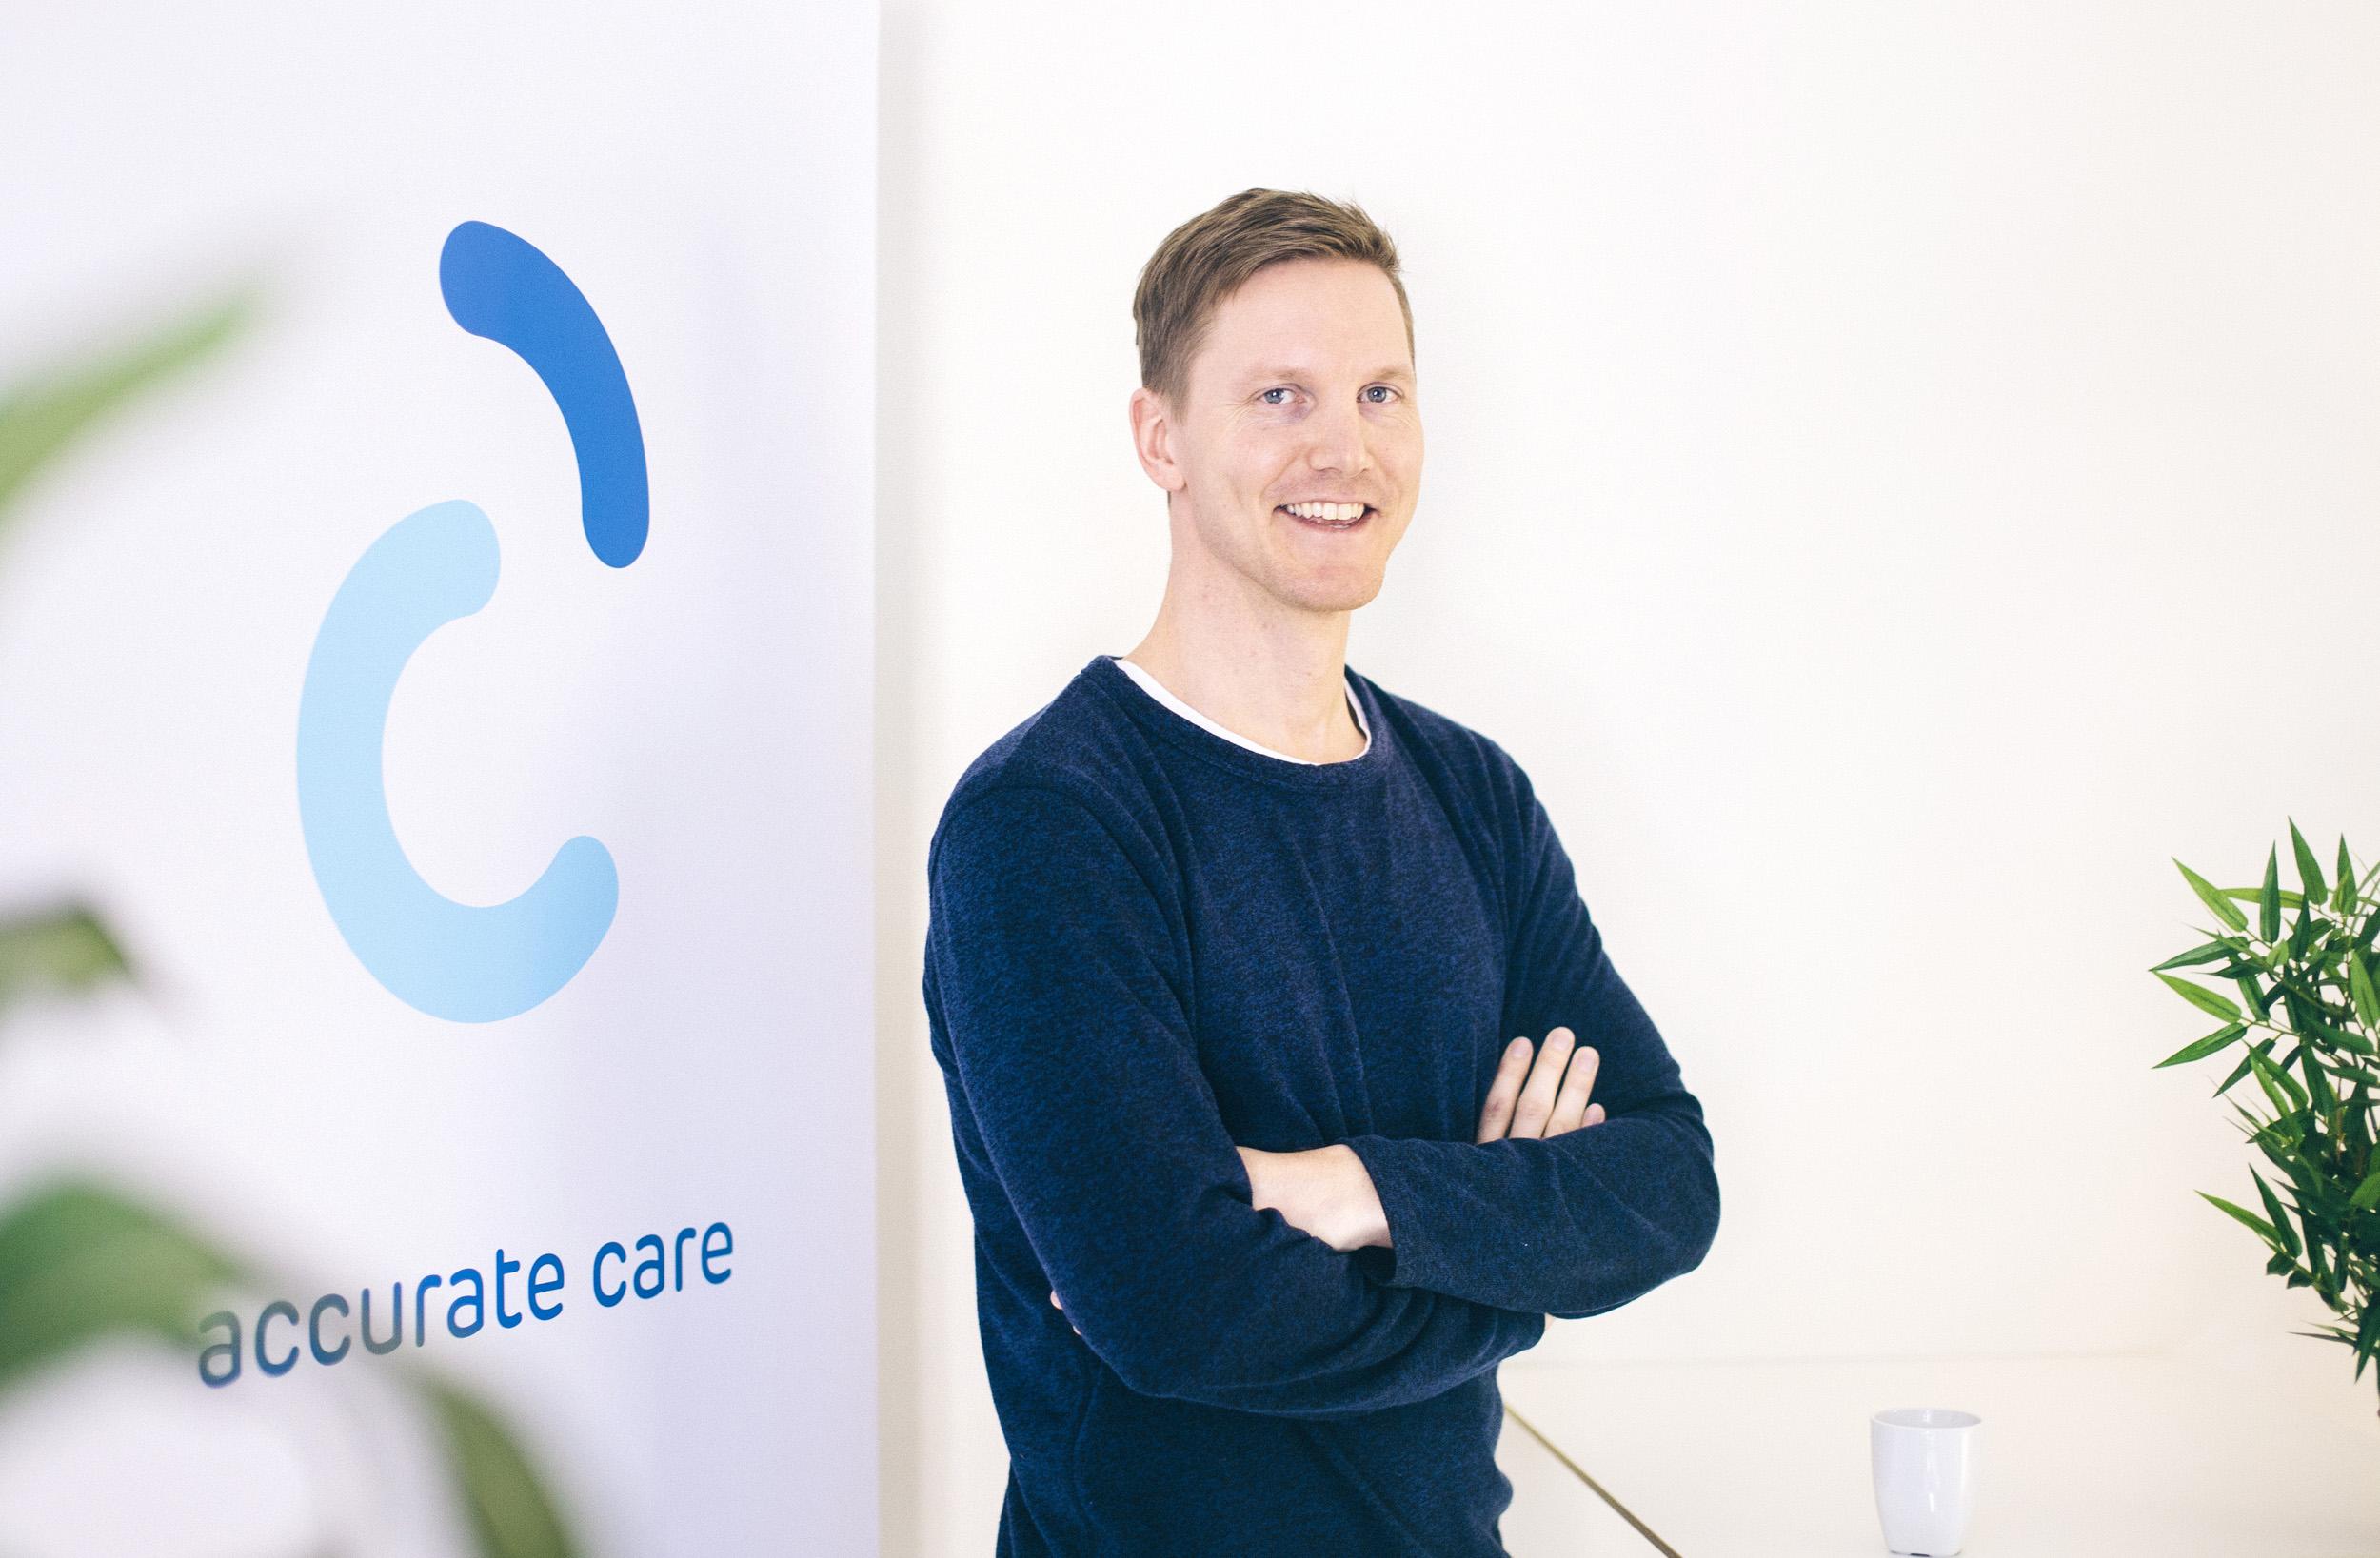 Håvard Haugan  Senior staffing consultant  +47 908 25 539  havard@acare.no